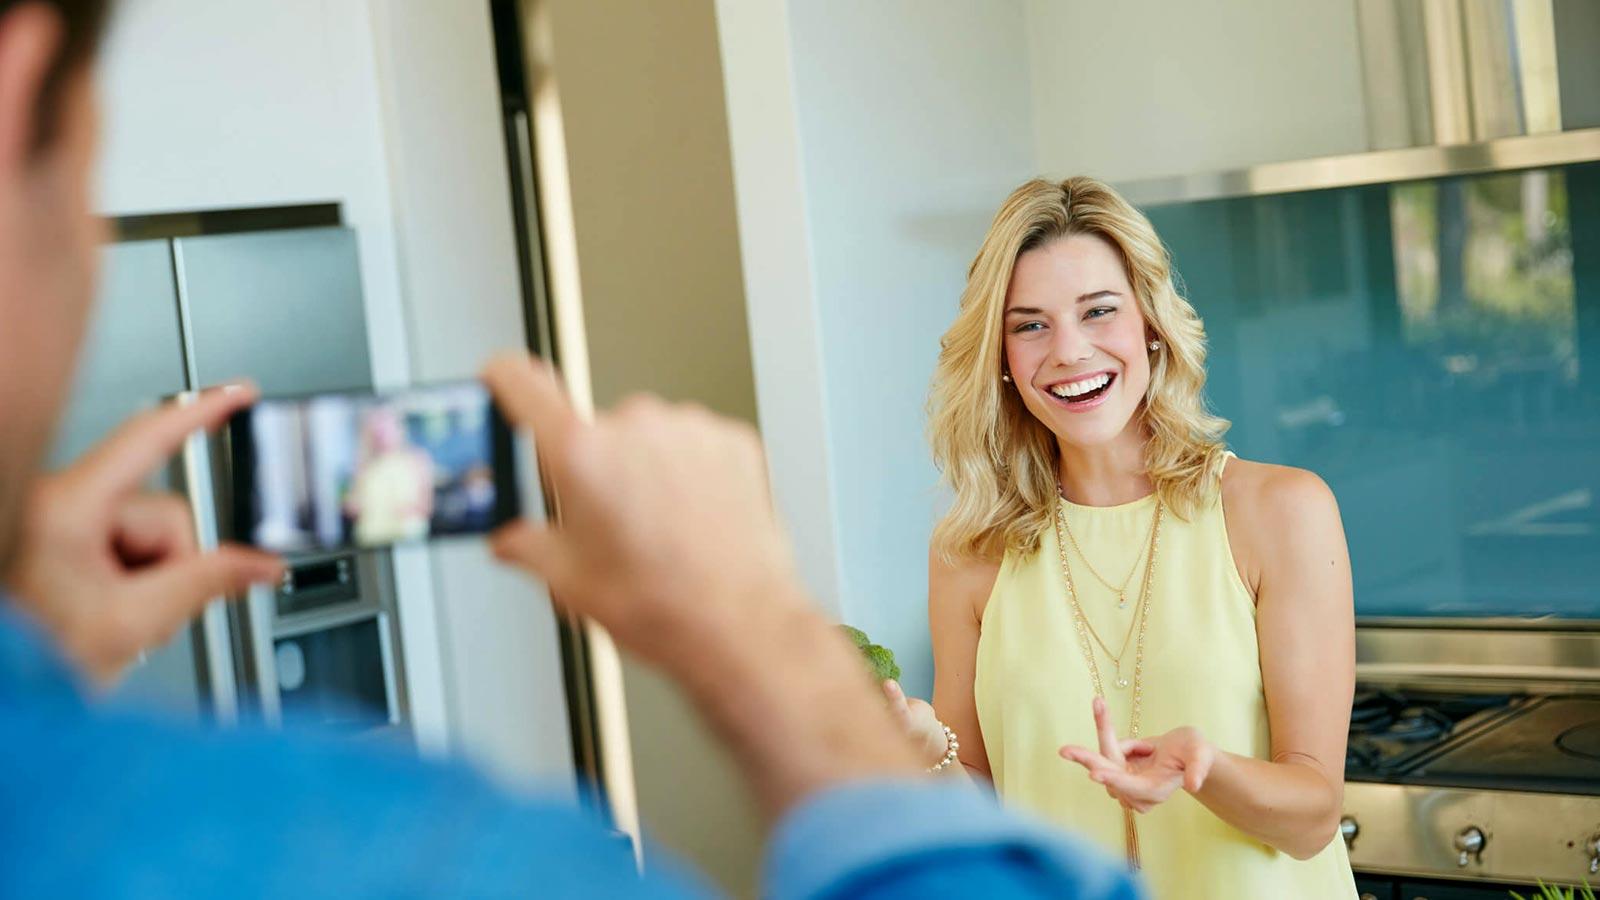 marketing para e commerce aprenda a produzir conteudos em video e decole 1a dumela filmes - Marketing para e-commerce: aprenda a produzir conteúdos em vídeo e decole